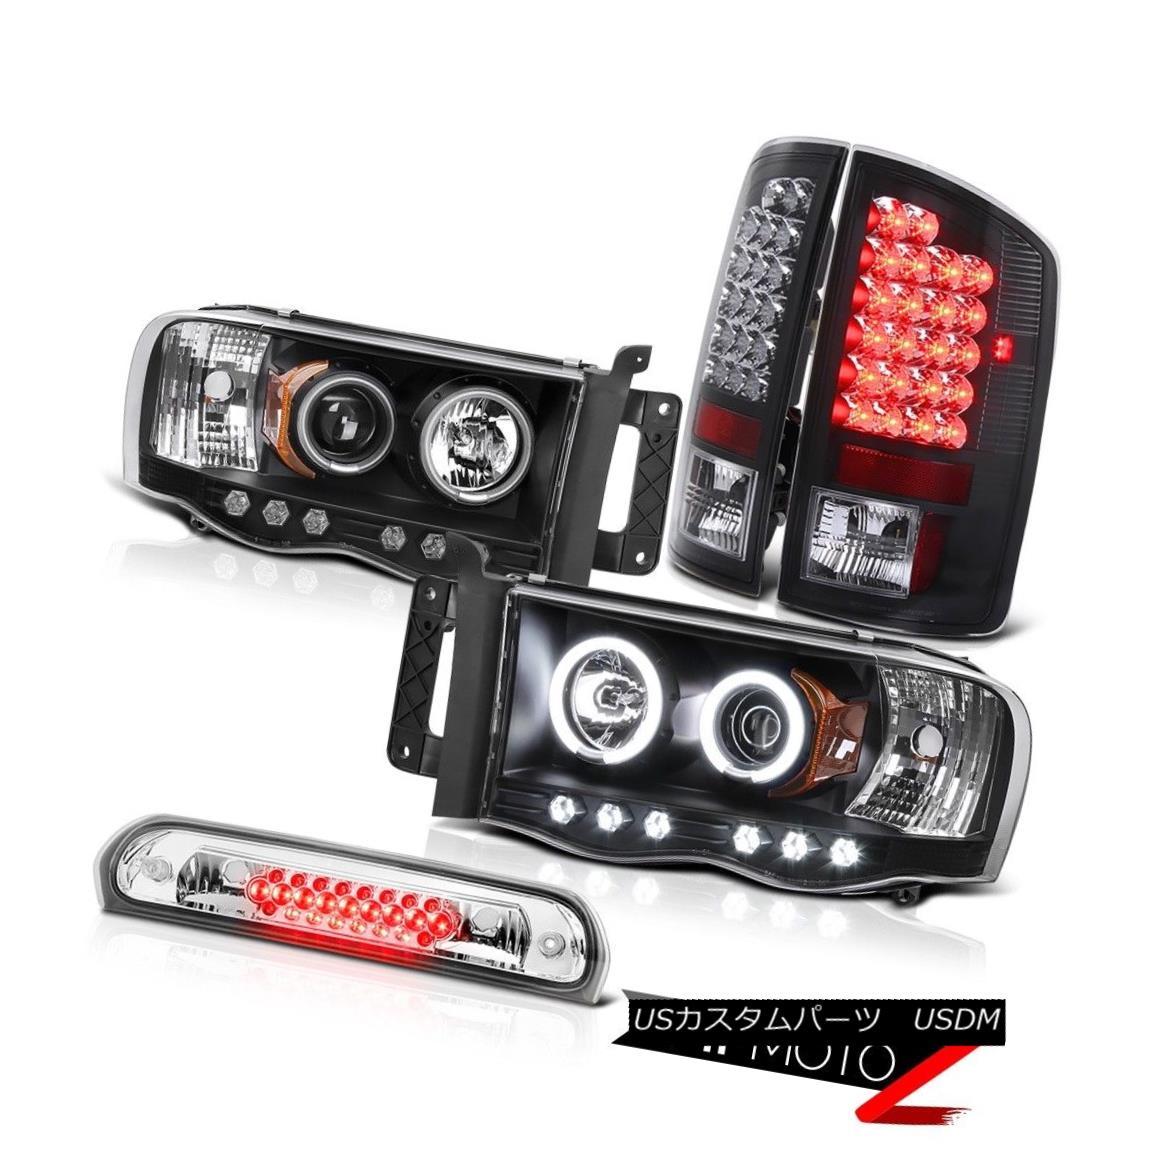 テールライト Black CCFL Halo Headlights LED Bulbs Tail Lamps Roof Stop Clear 2002-05 Ram 2500 ブラックCCFLハローヘッドライトLED電球テールランプルーフストップクリア2002-05 Ram 2500